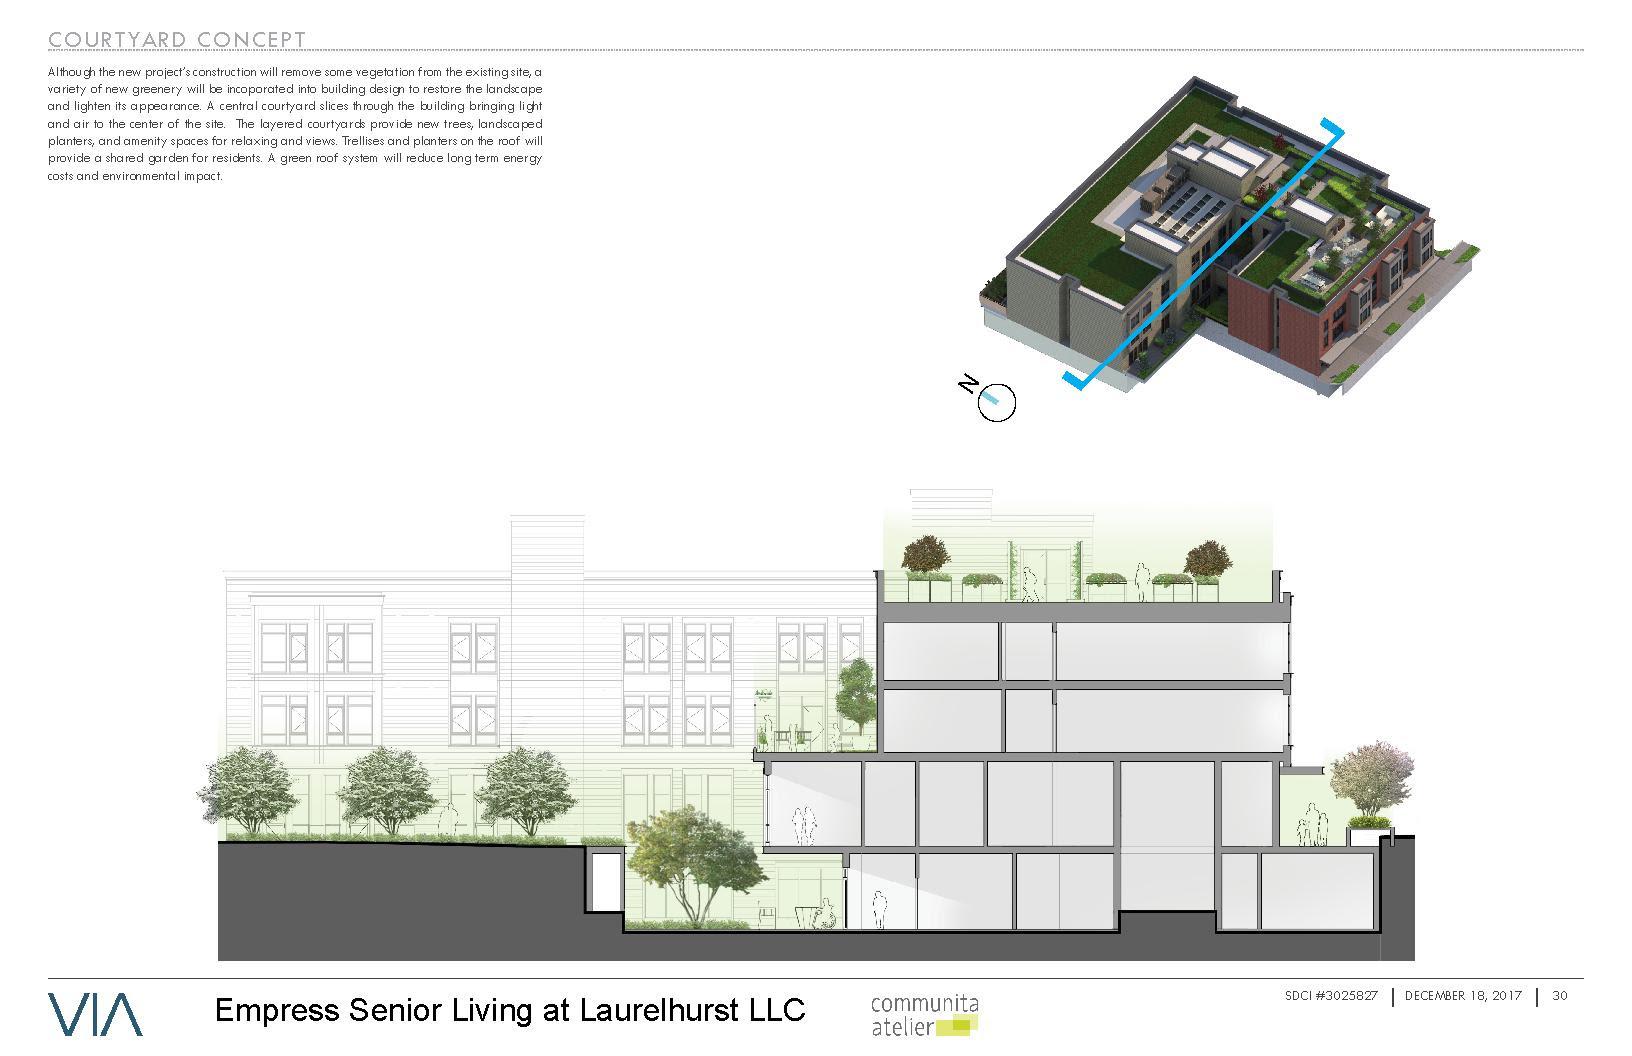 Laurelhurst Blog: Update On Proposed Retirement Home Near ...